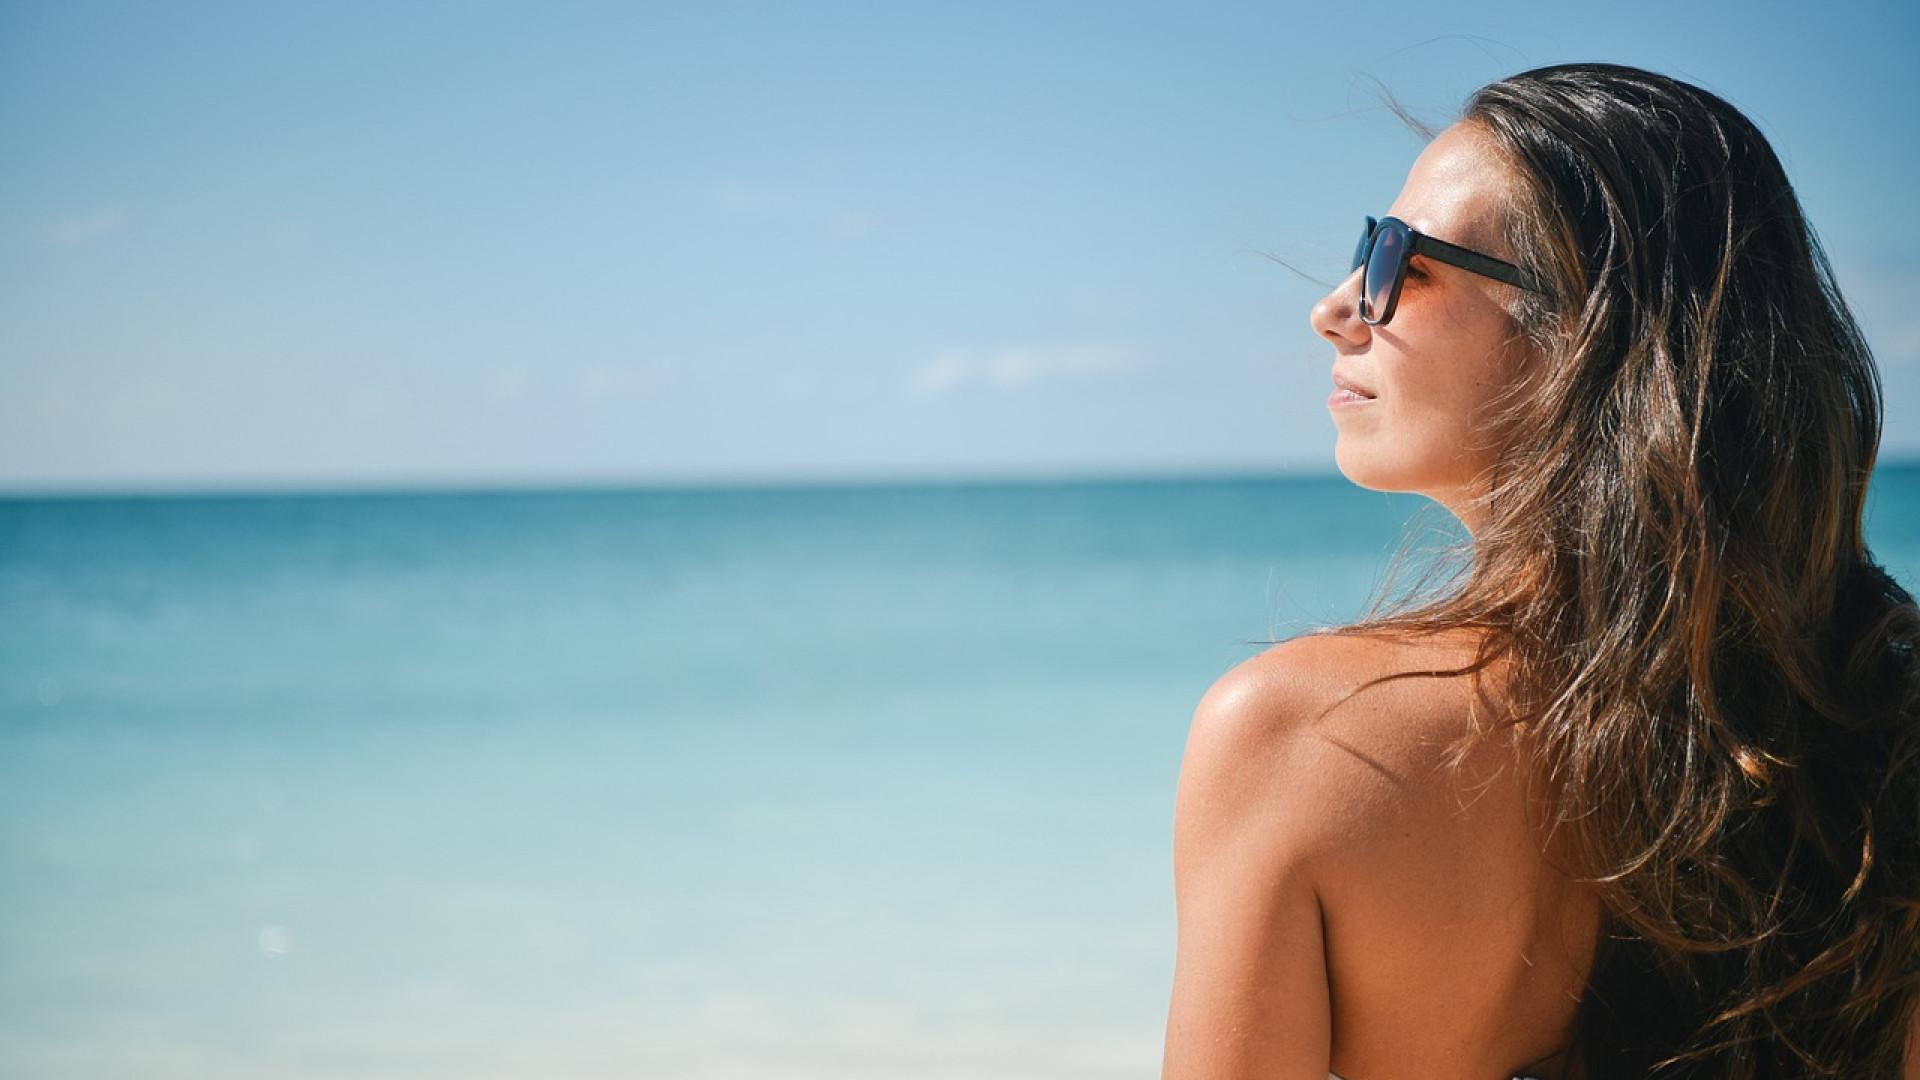 Location de vacances, comment faire le bon choix ?